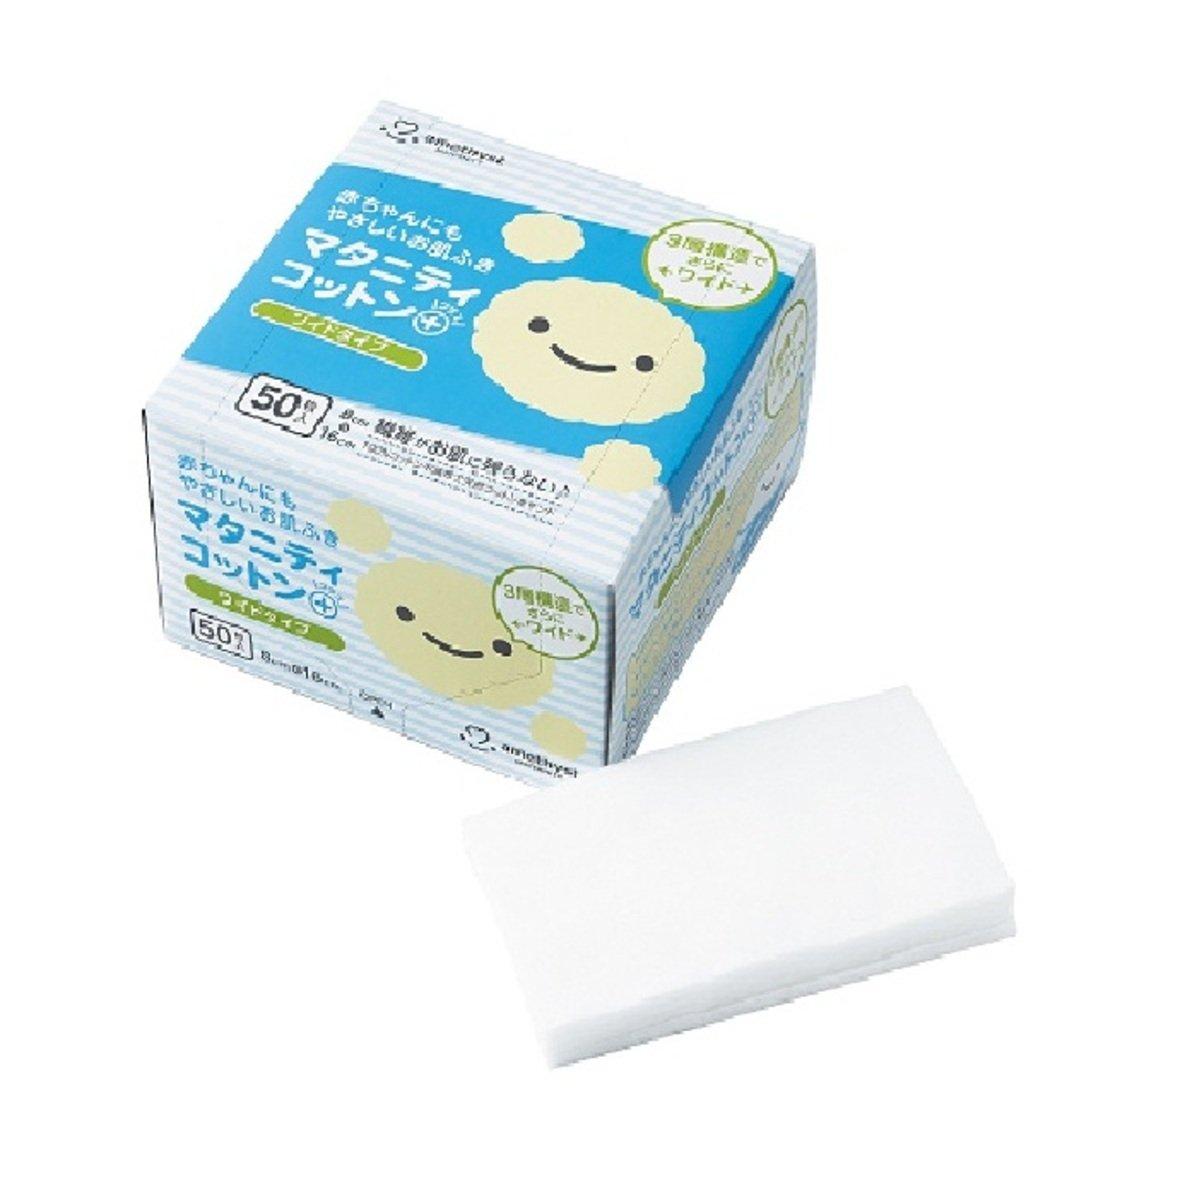 三層特厚嬰兒及孕婦專用棉 (50 片/盒)